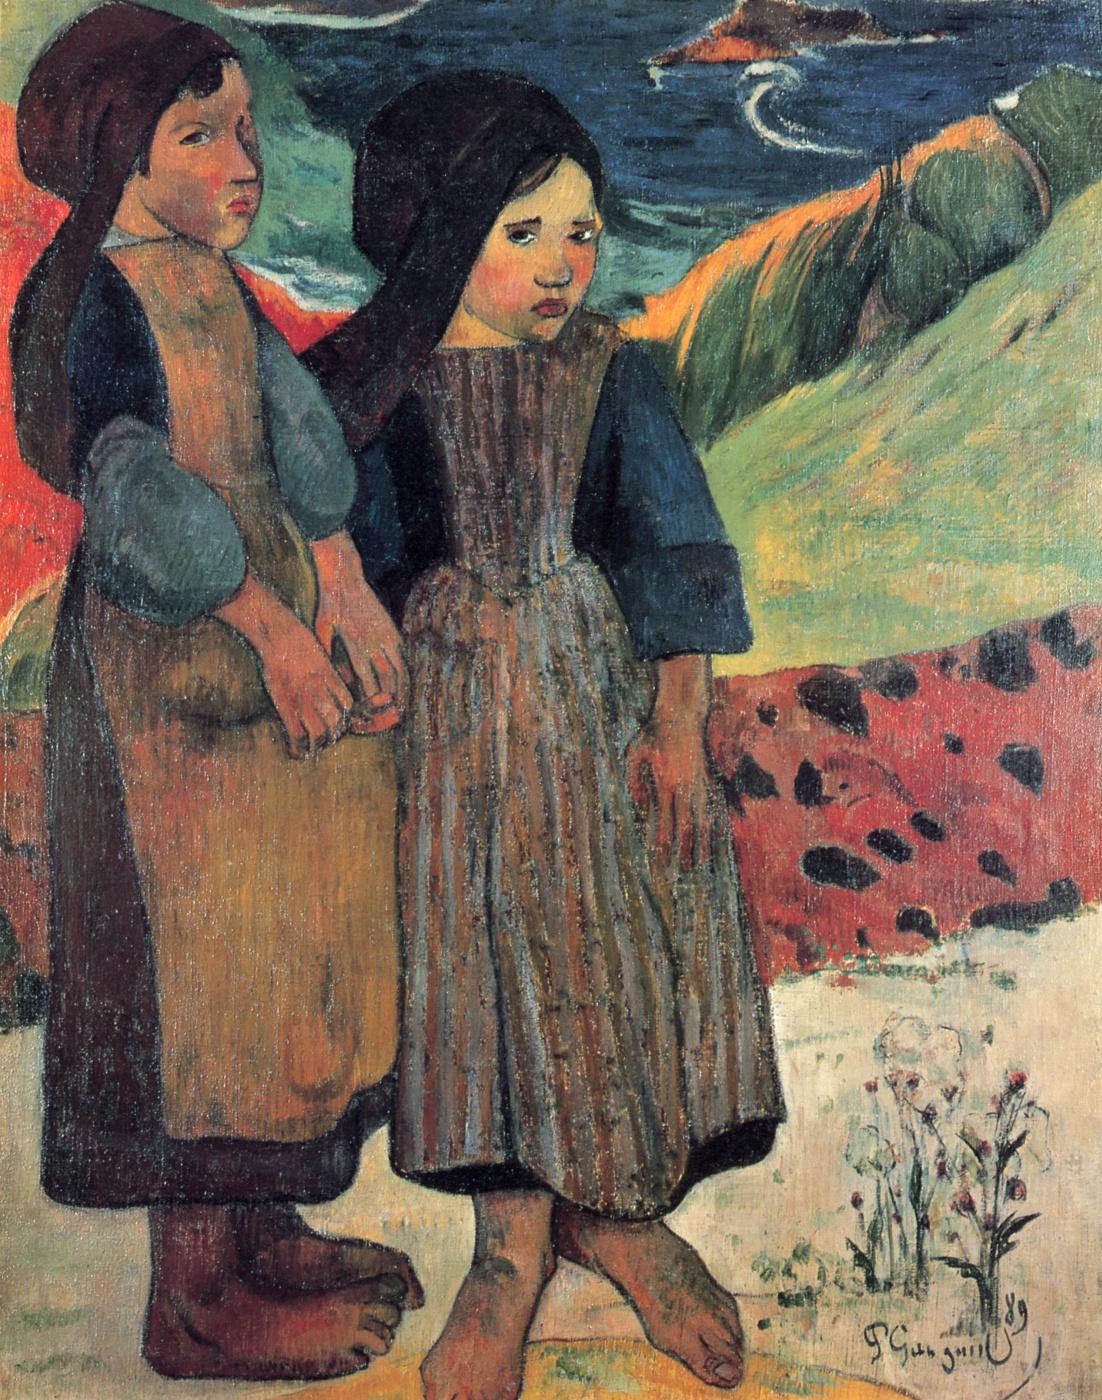 Paul Gauguin. Little a Breton by the sea